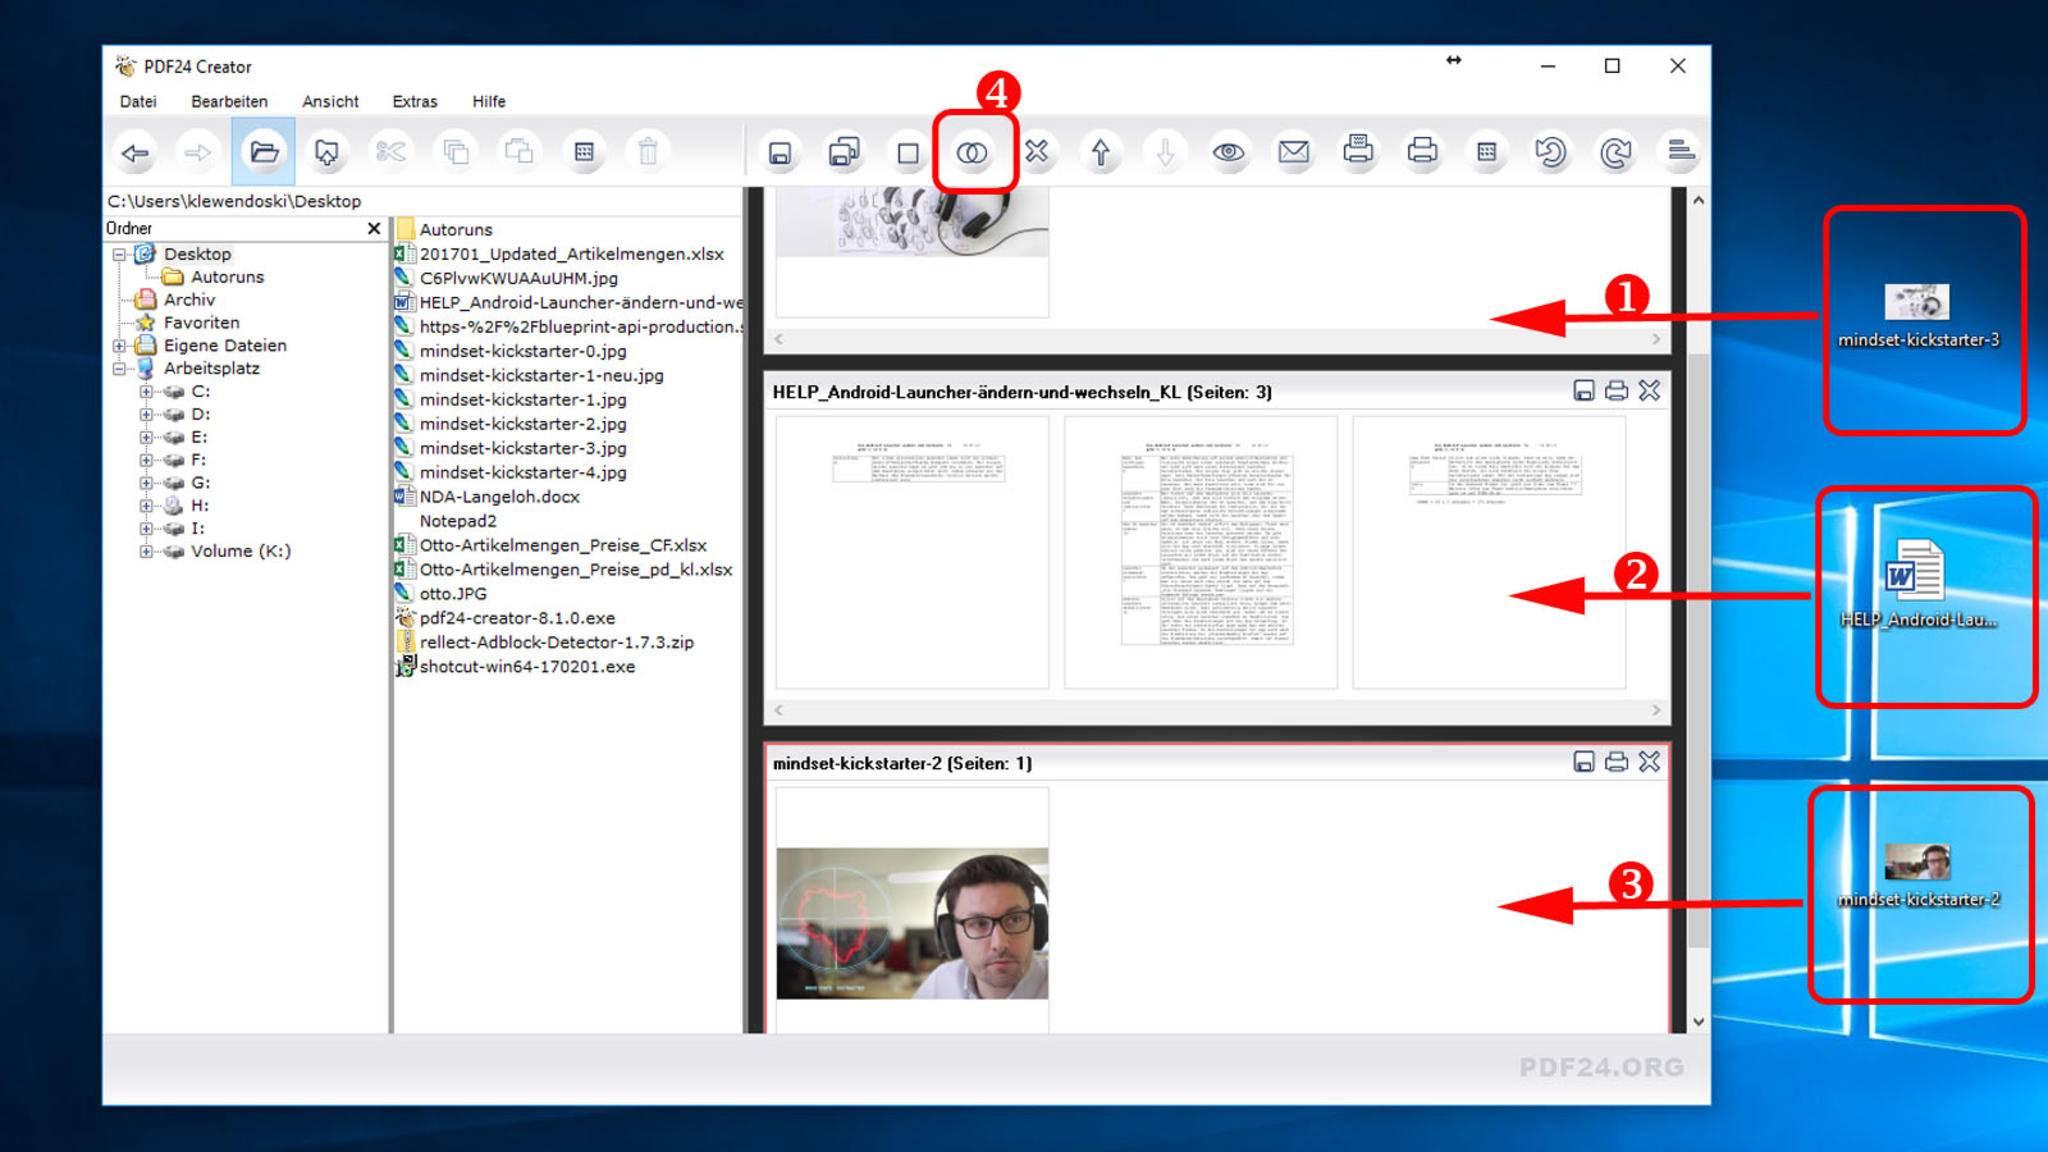 Wenn Du mehrere Dateien zu einem PDF-Dokument verschmelzen willst, musst Du diese nacheinander (1),(2) und (3) auf das Fenster ziehen und dann auf das Symbol mit den Kreisen klicken (4).